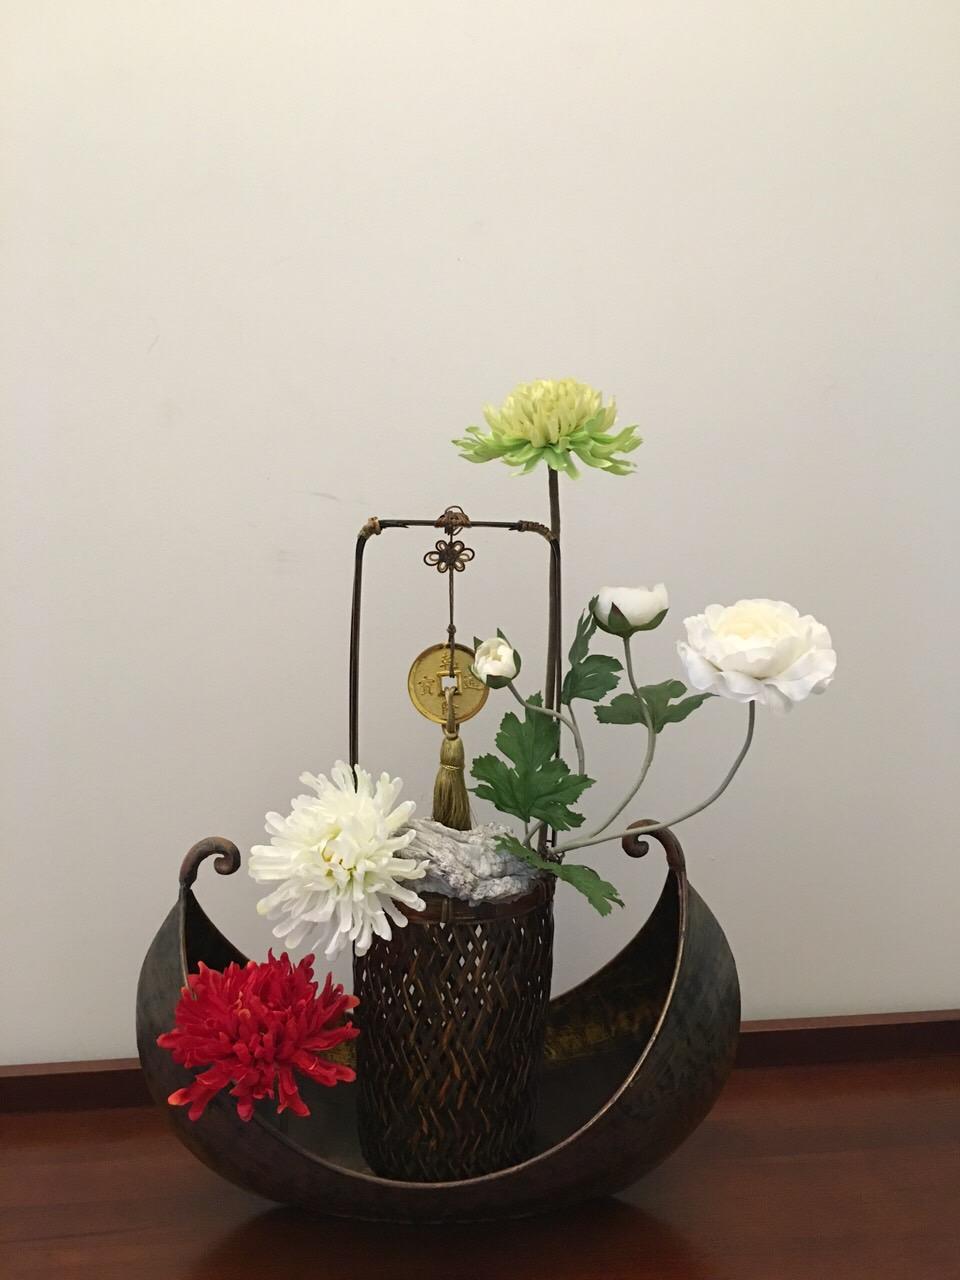 Annie Flower A IMG_2323.JPG